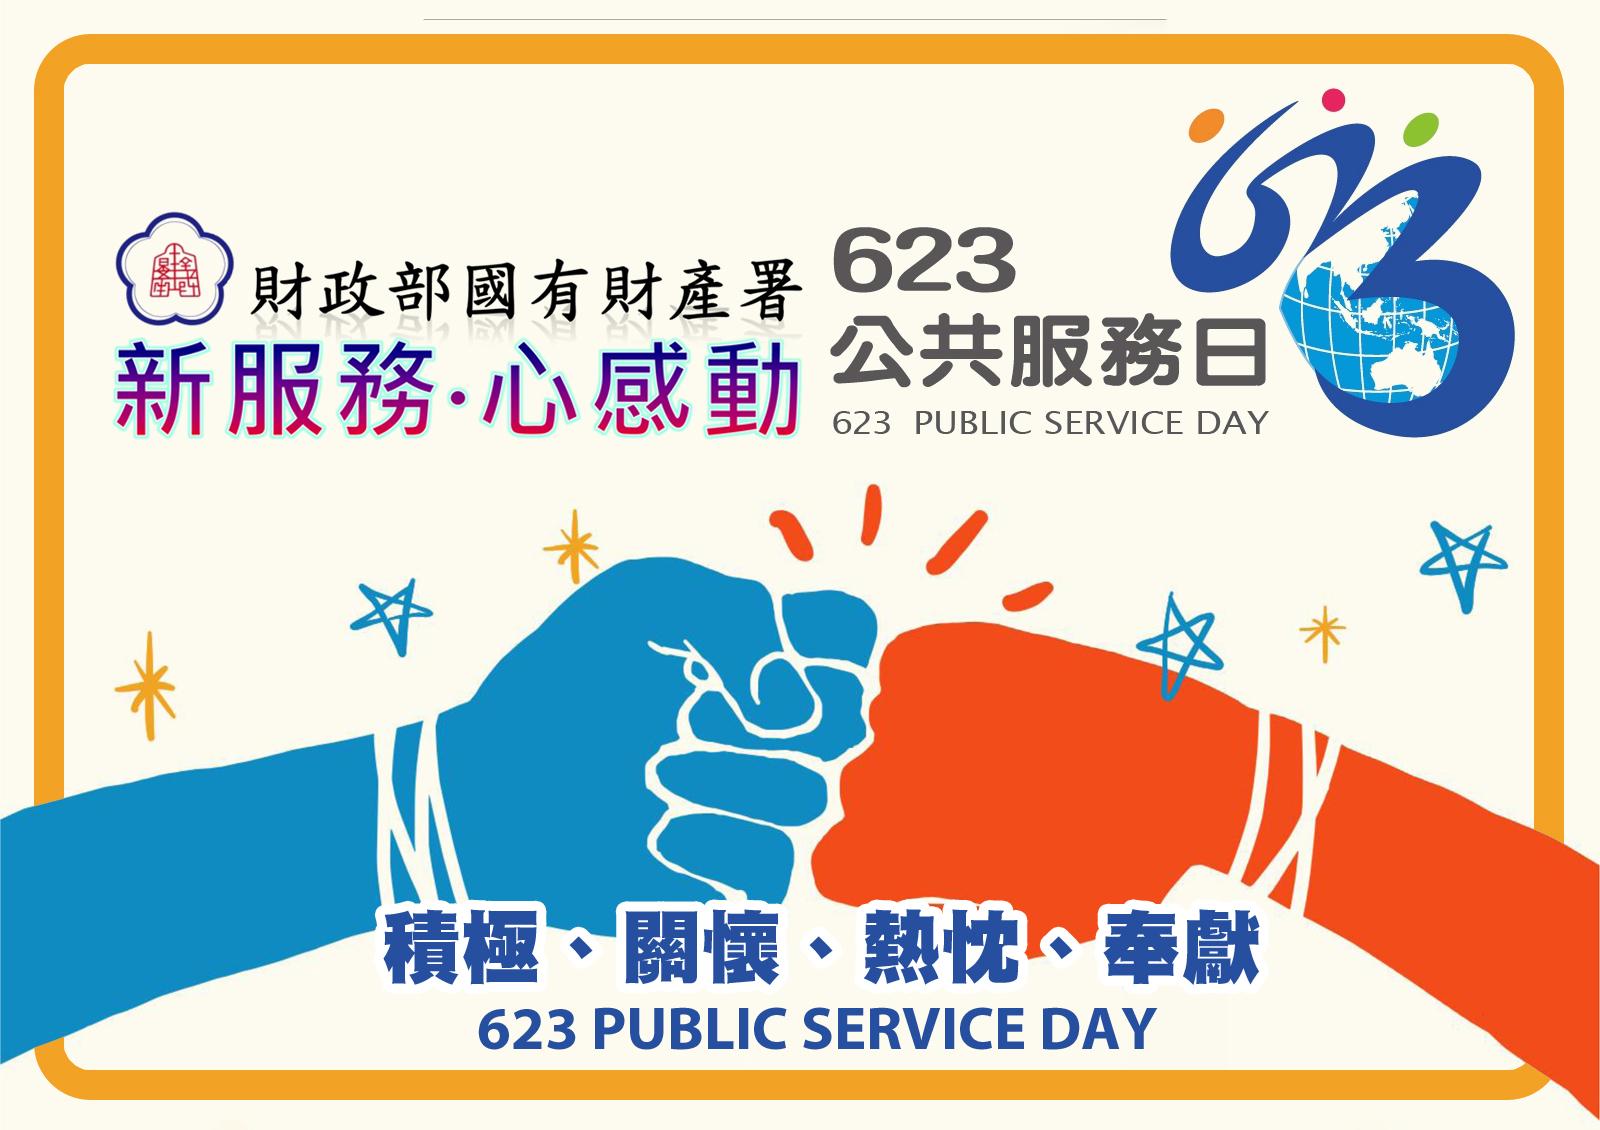 623 公共服務日